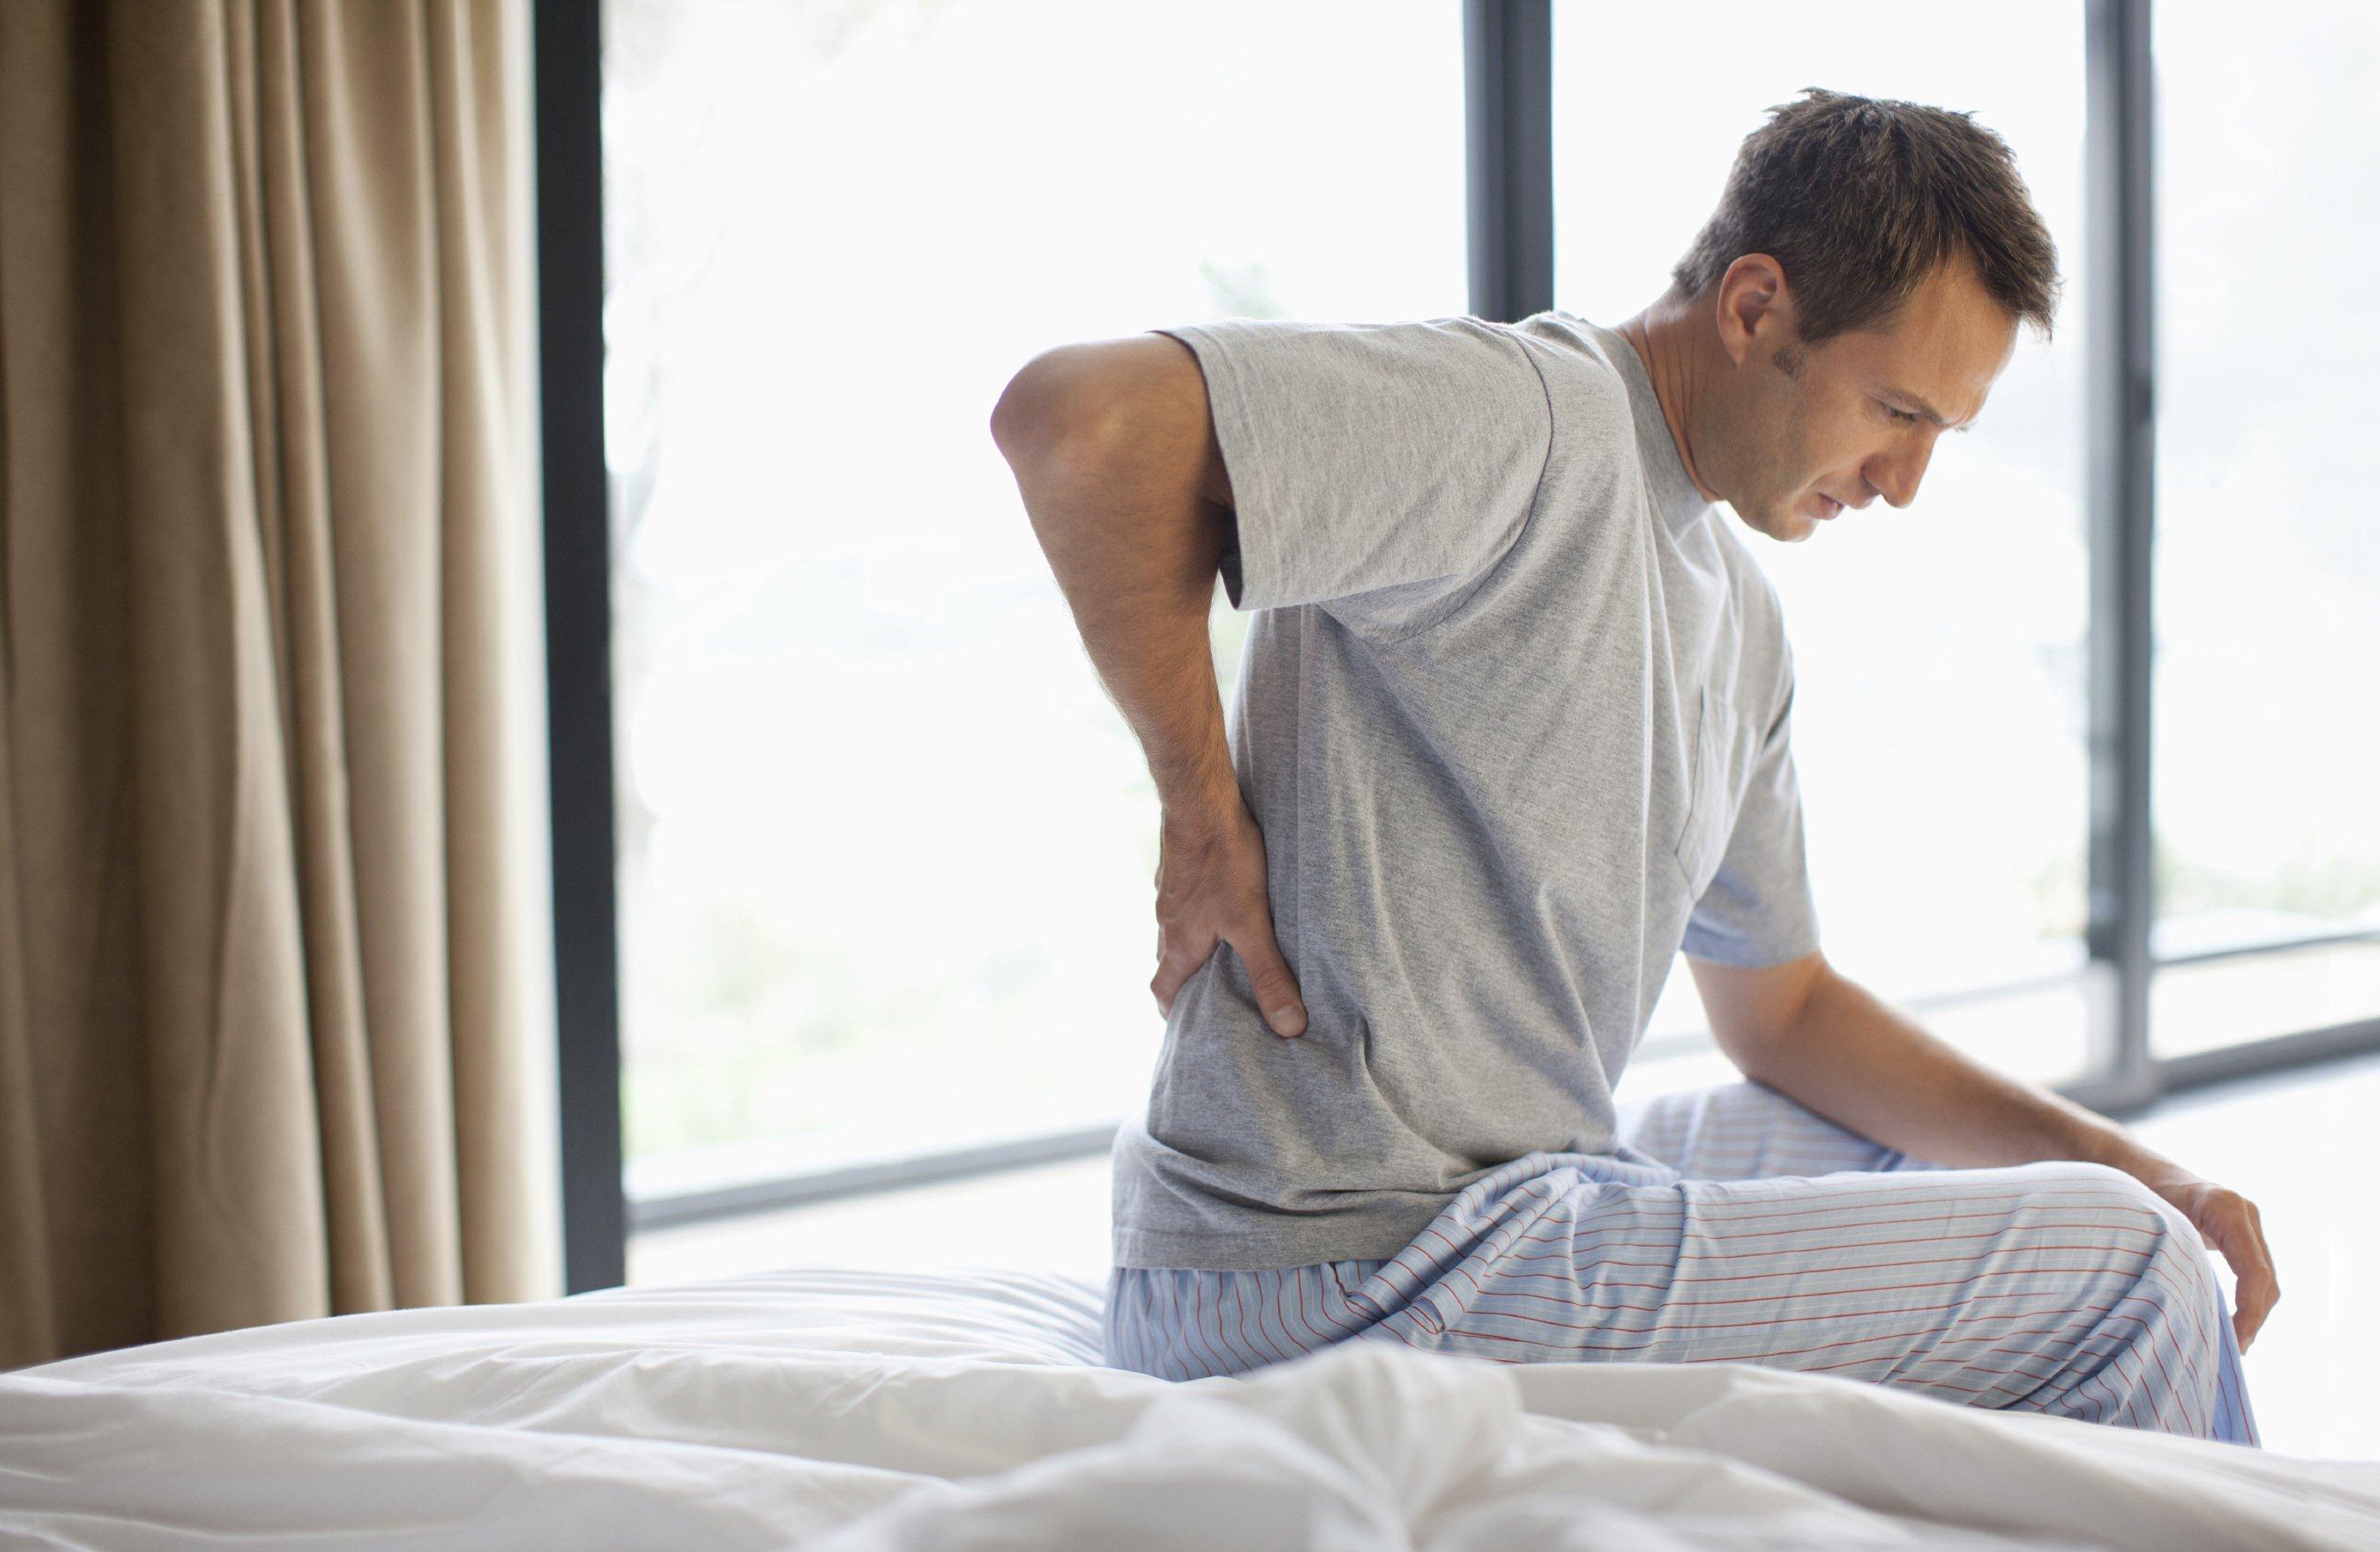 فوائد فيتامين د لعلاج ألم الظهر